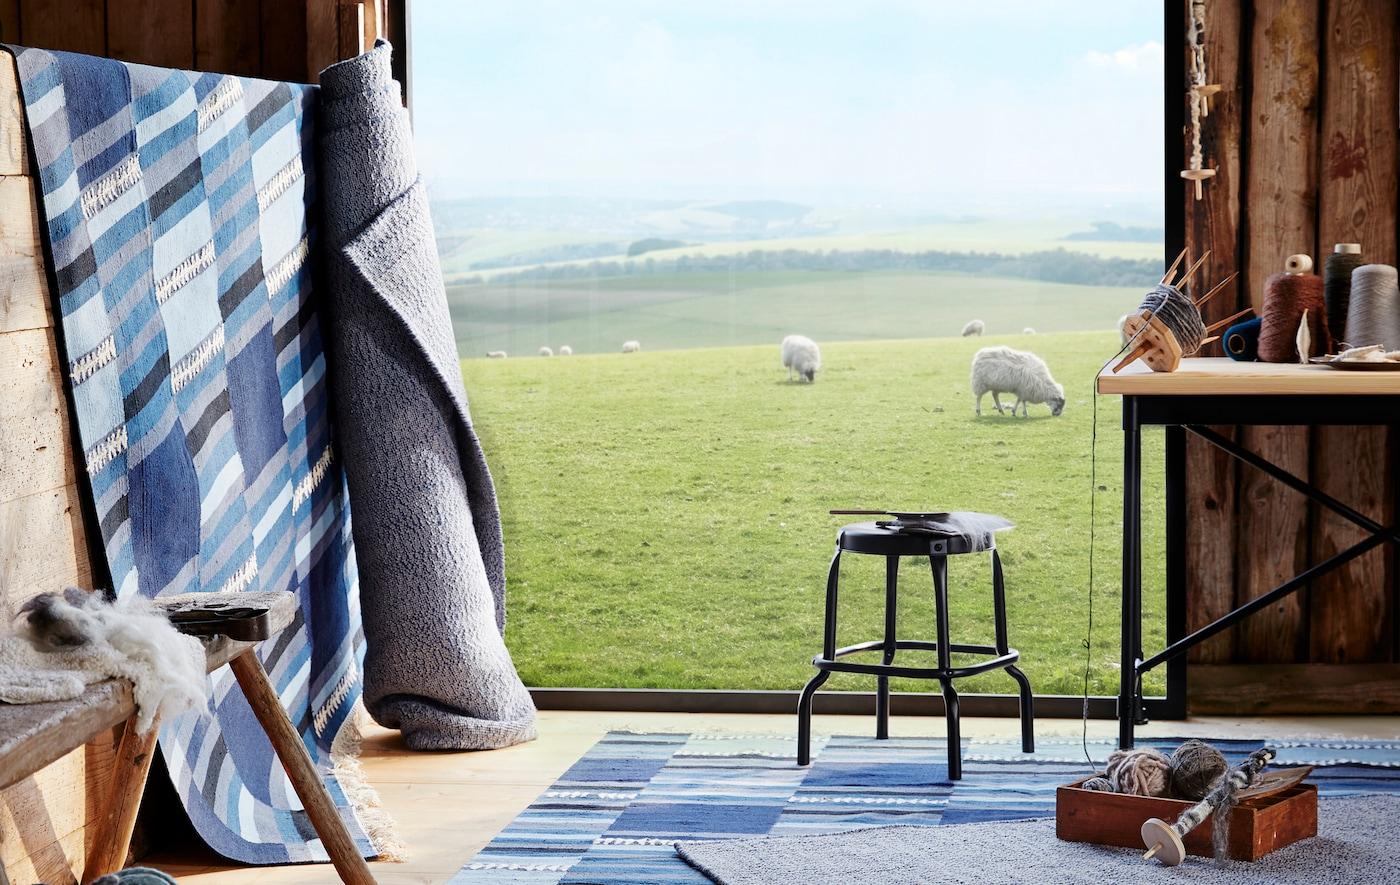 Blaue und graue Teppiche in einem mit Holz eingerichteten Raum, durch eine geöffnete Tür ist eine Schafwiese zu sehen.